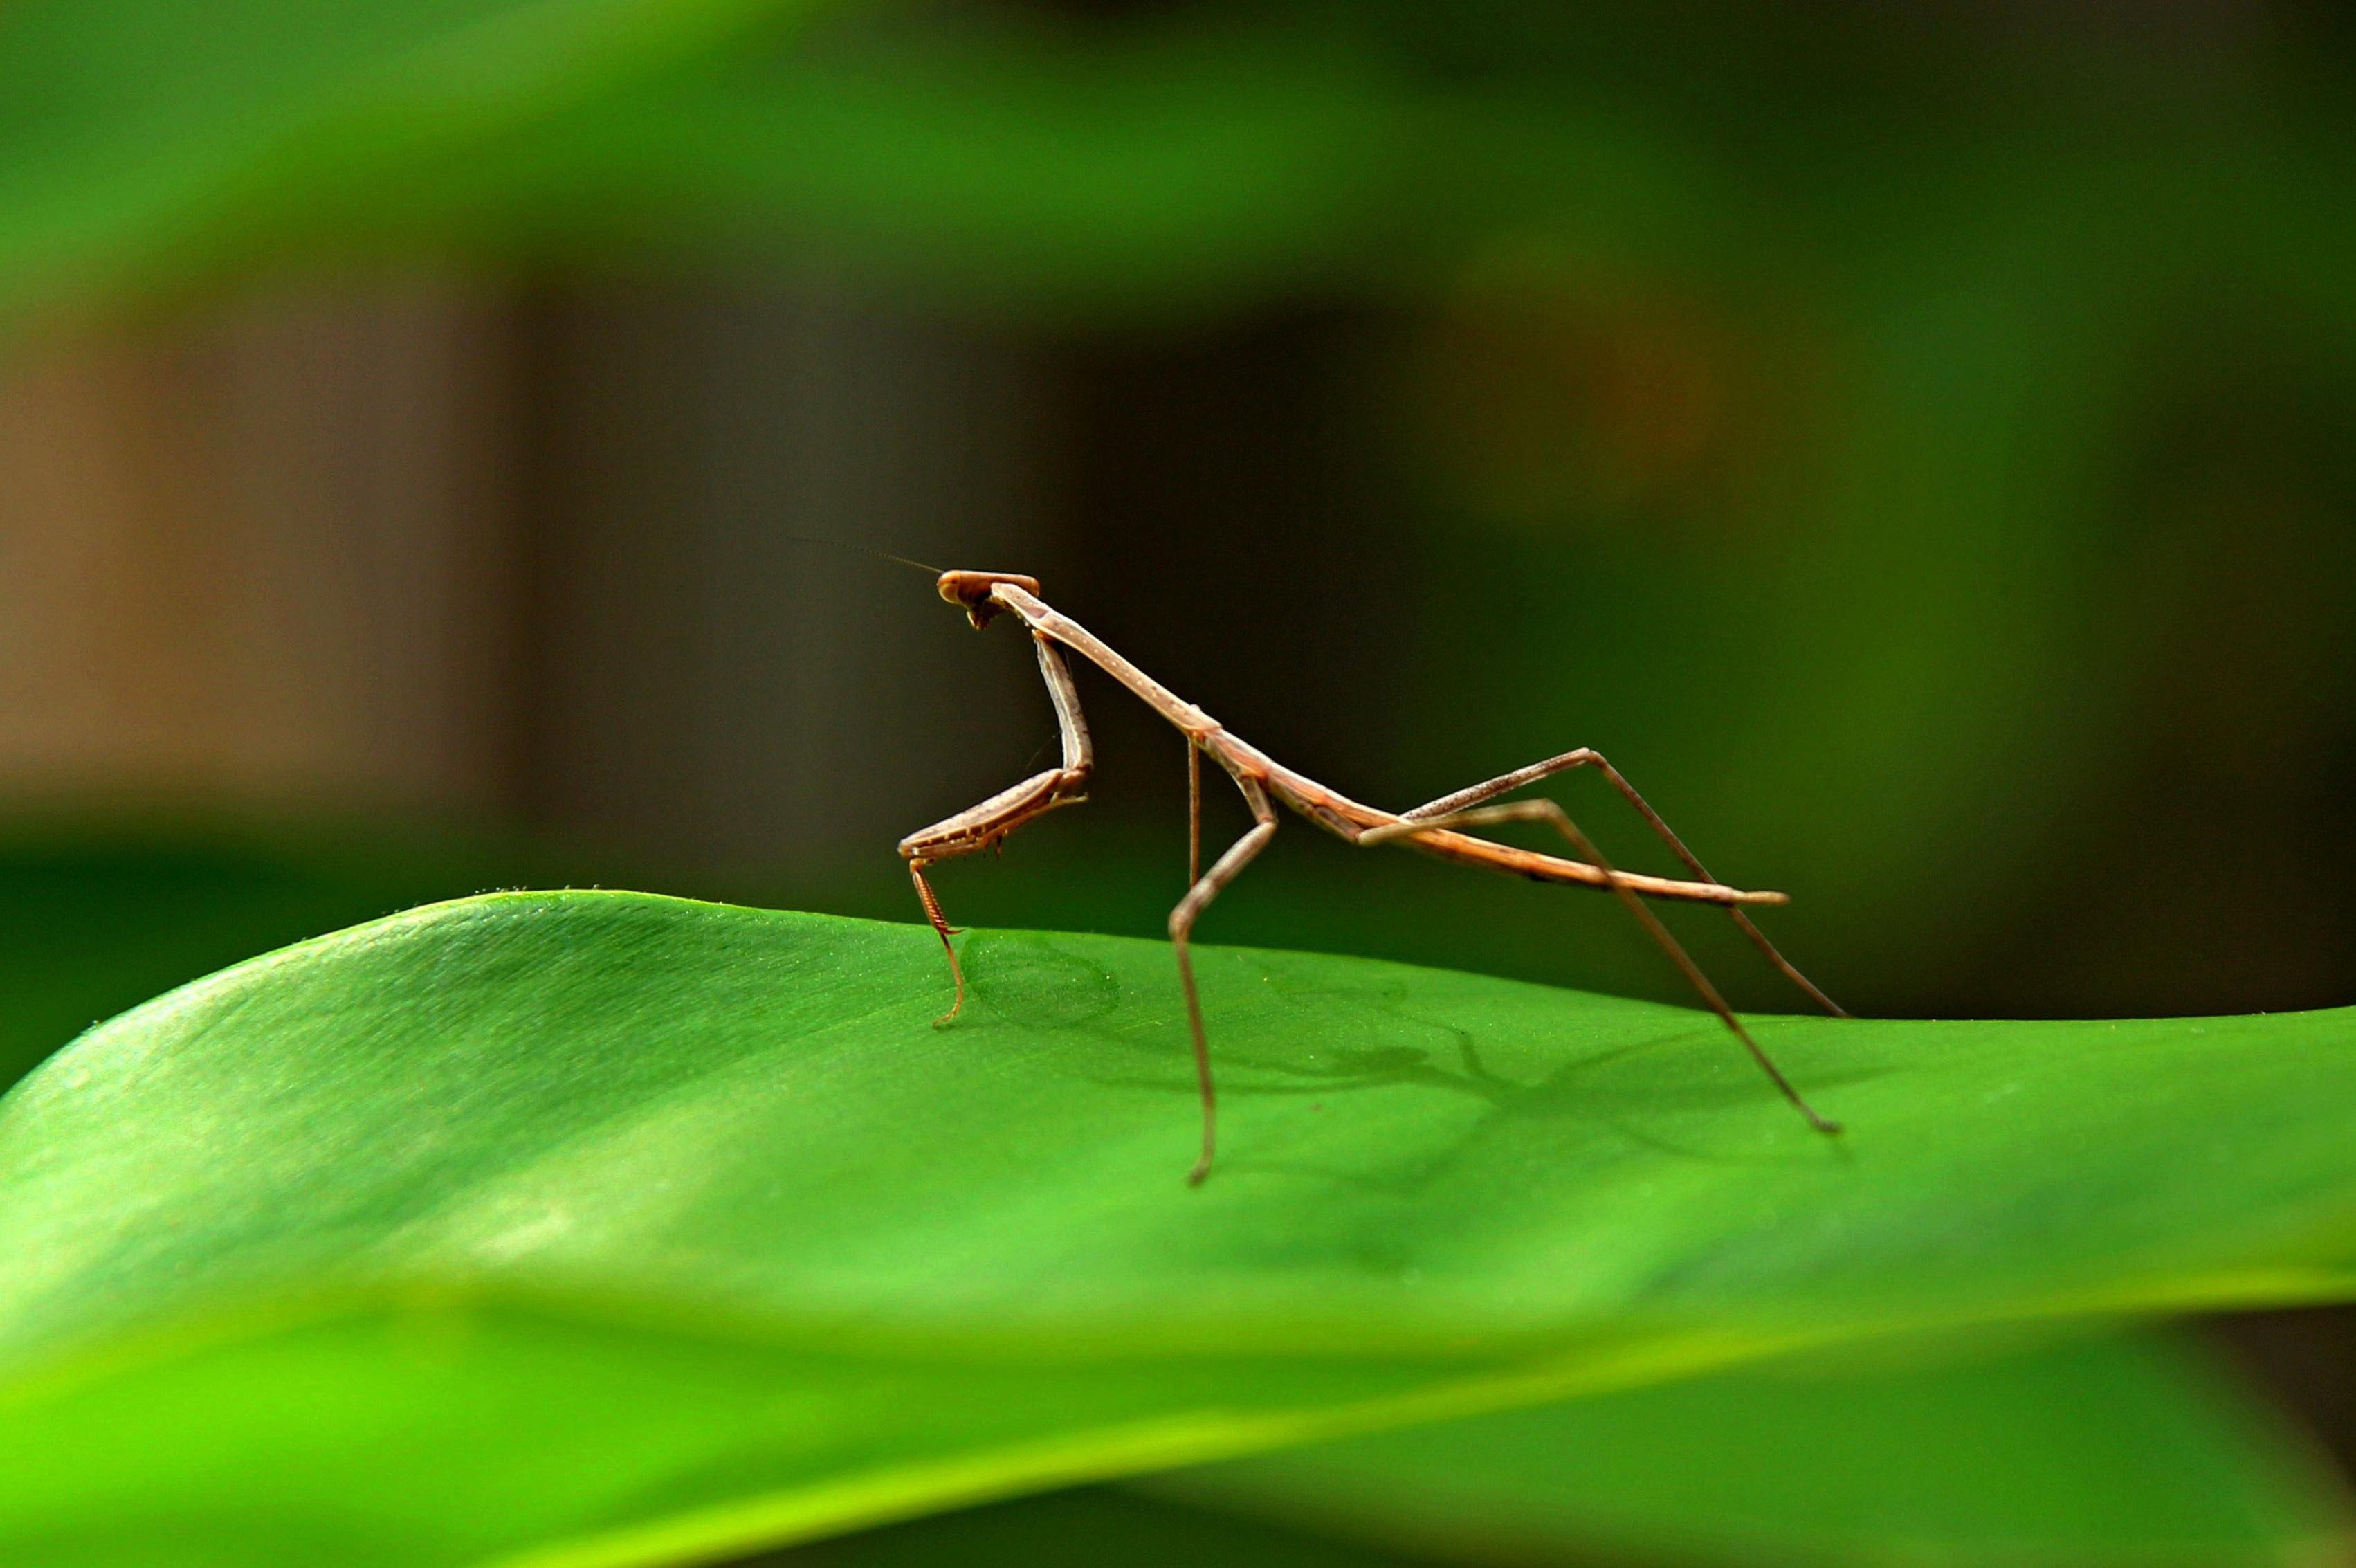 Free Images Nature Grass Leaf Green Praying Mantis Bug